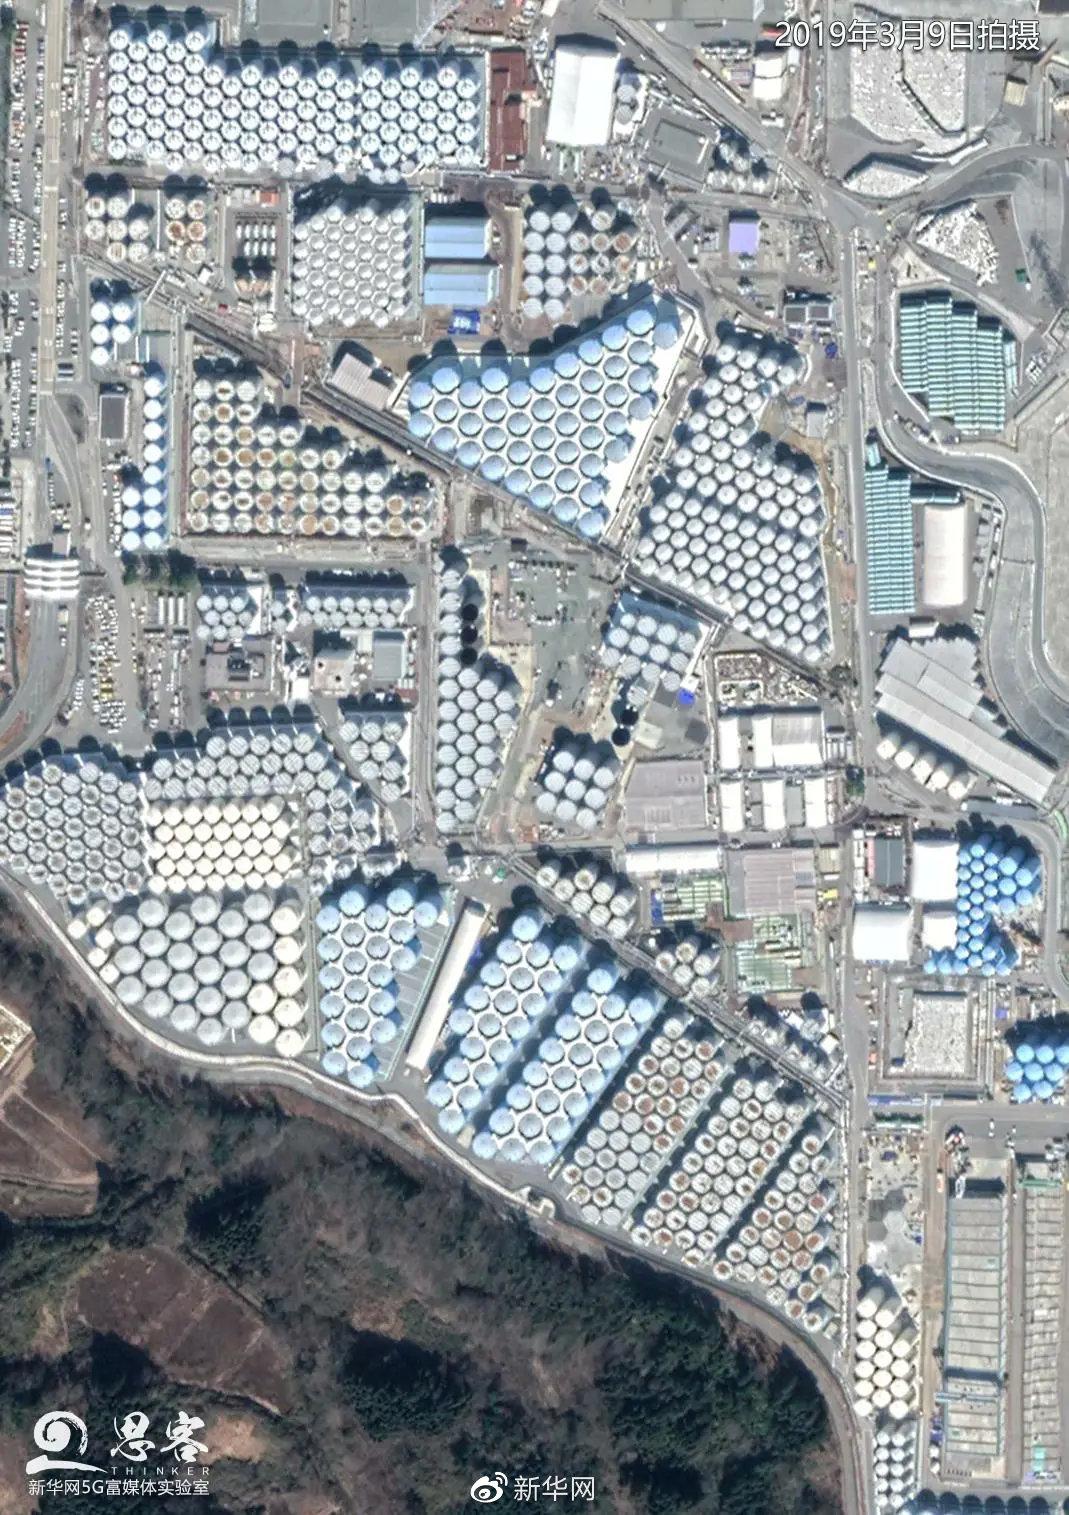 日本福岛第一核电站内的核废水储存罐密密麻麻地摆放着。卫星数据来源:MAXAR